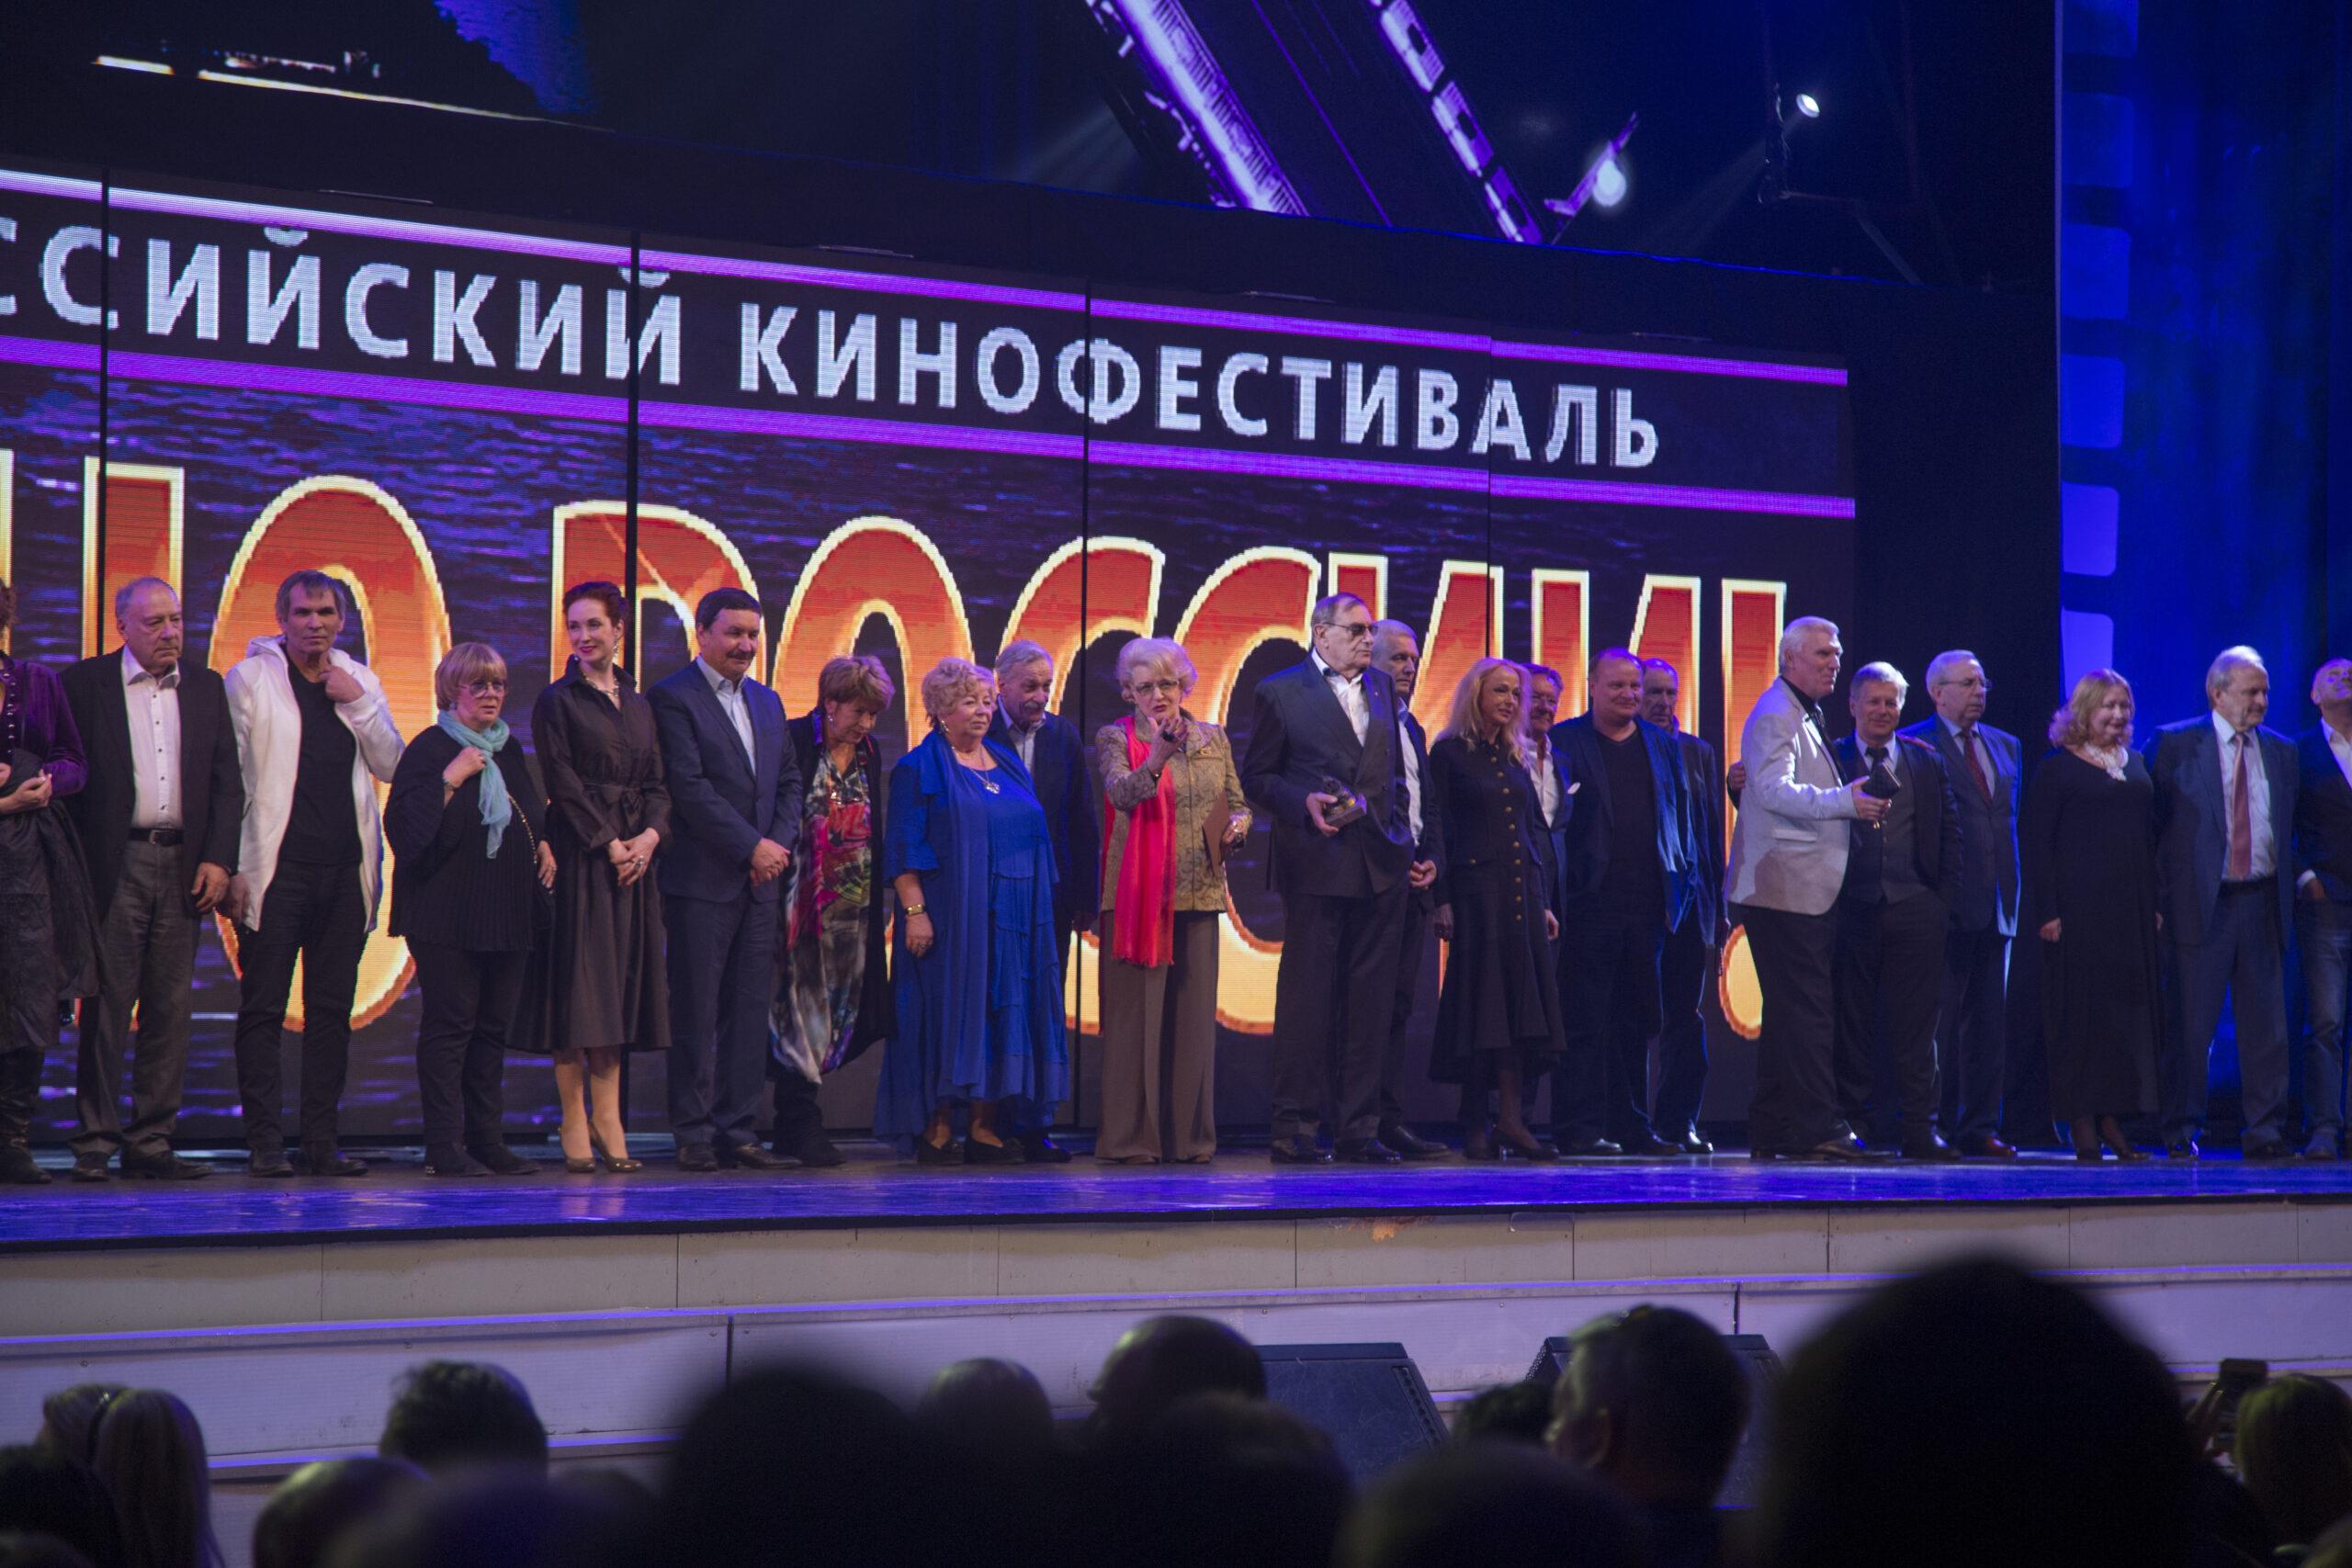 Виват кино России